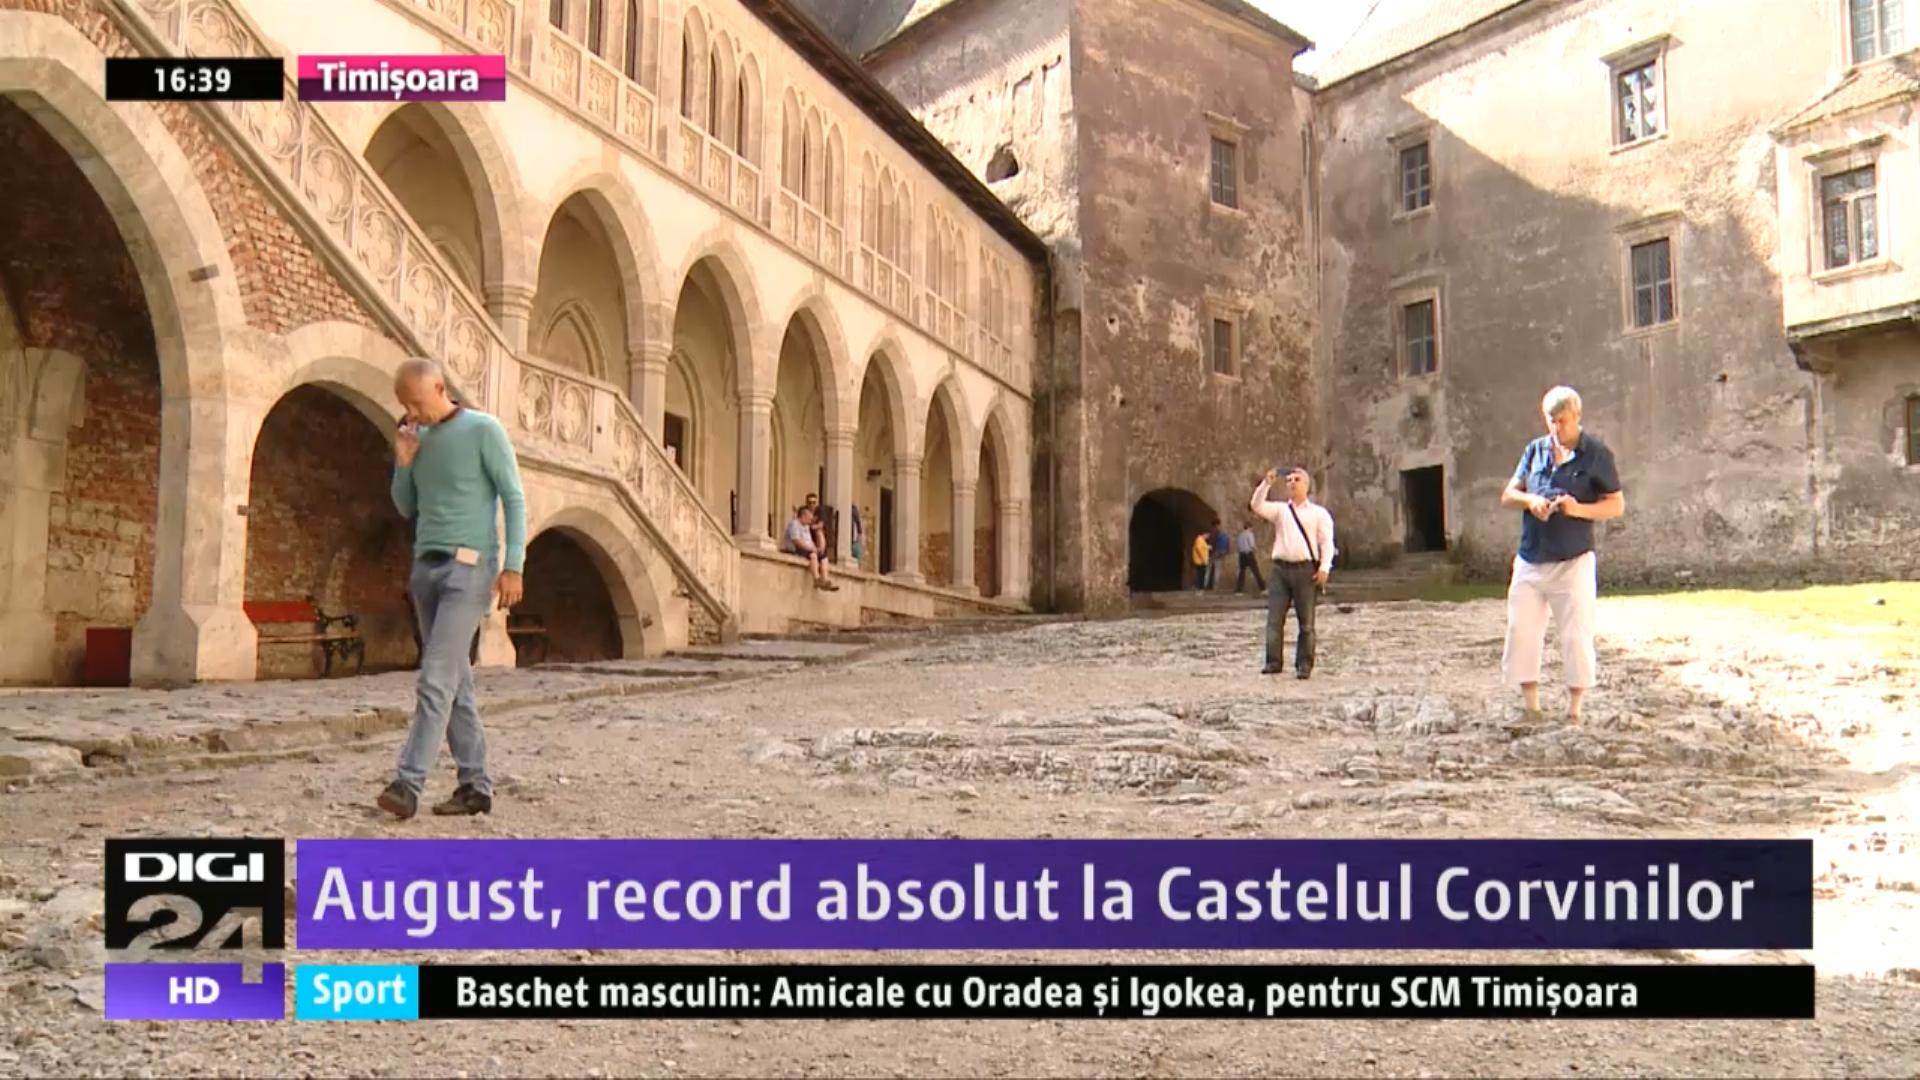 August, record absolut la Castelul Corvinilor